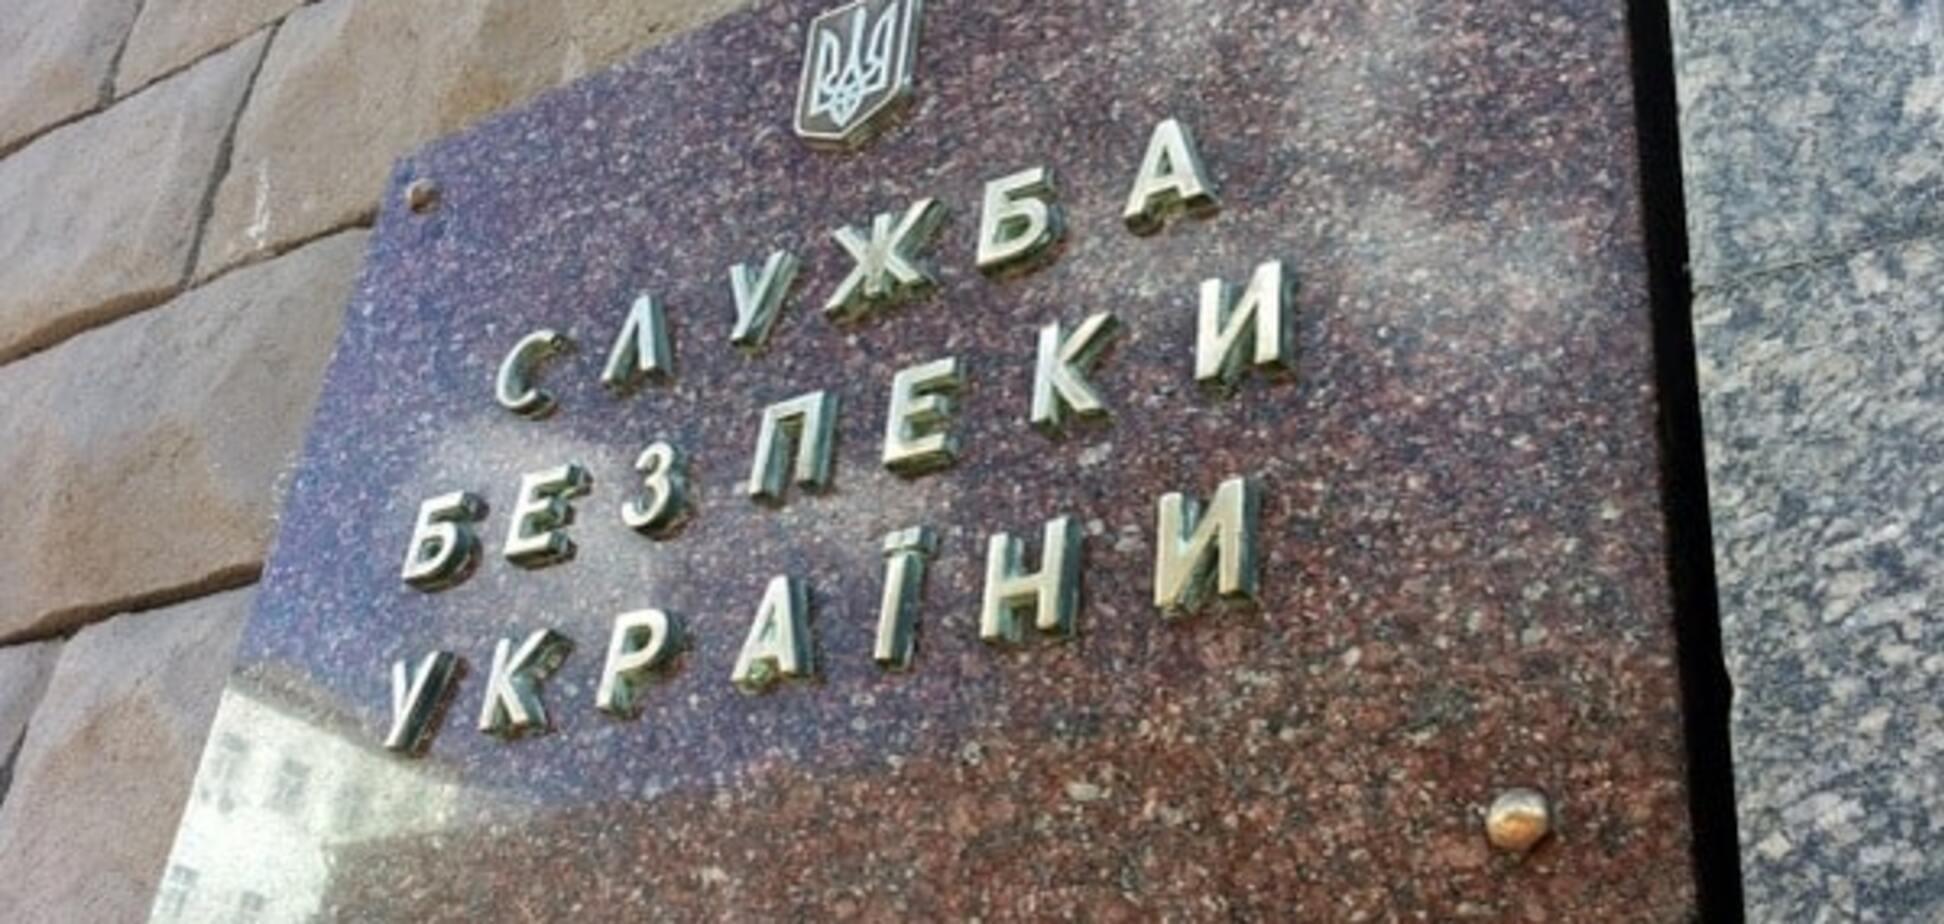 'Таємні в'язниці' СБУ є операцією російських спецслужб - Трепак